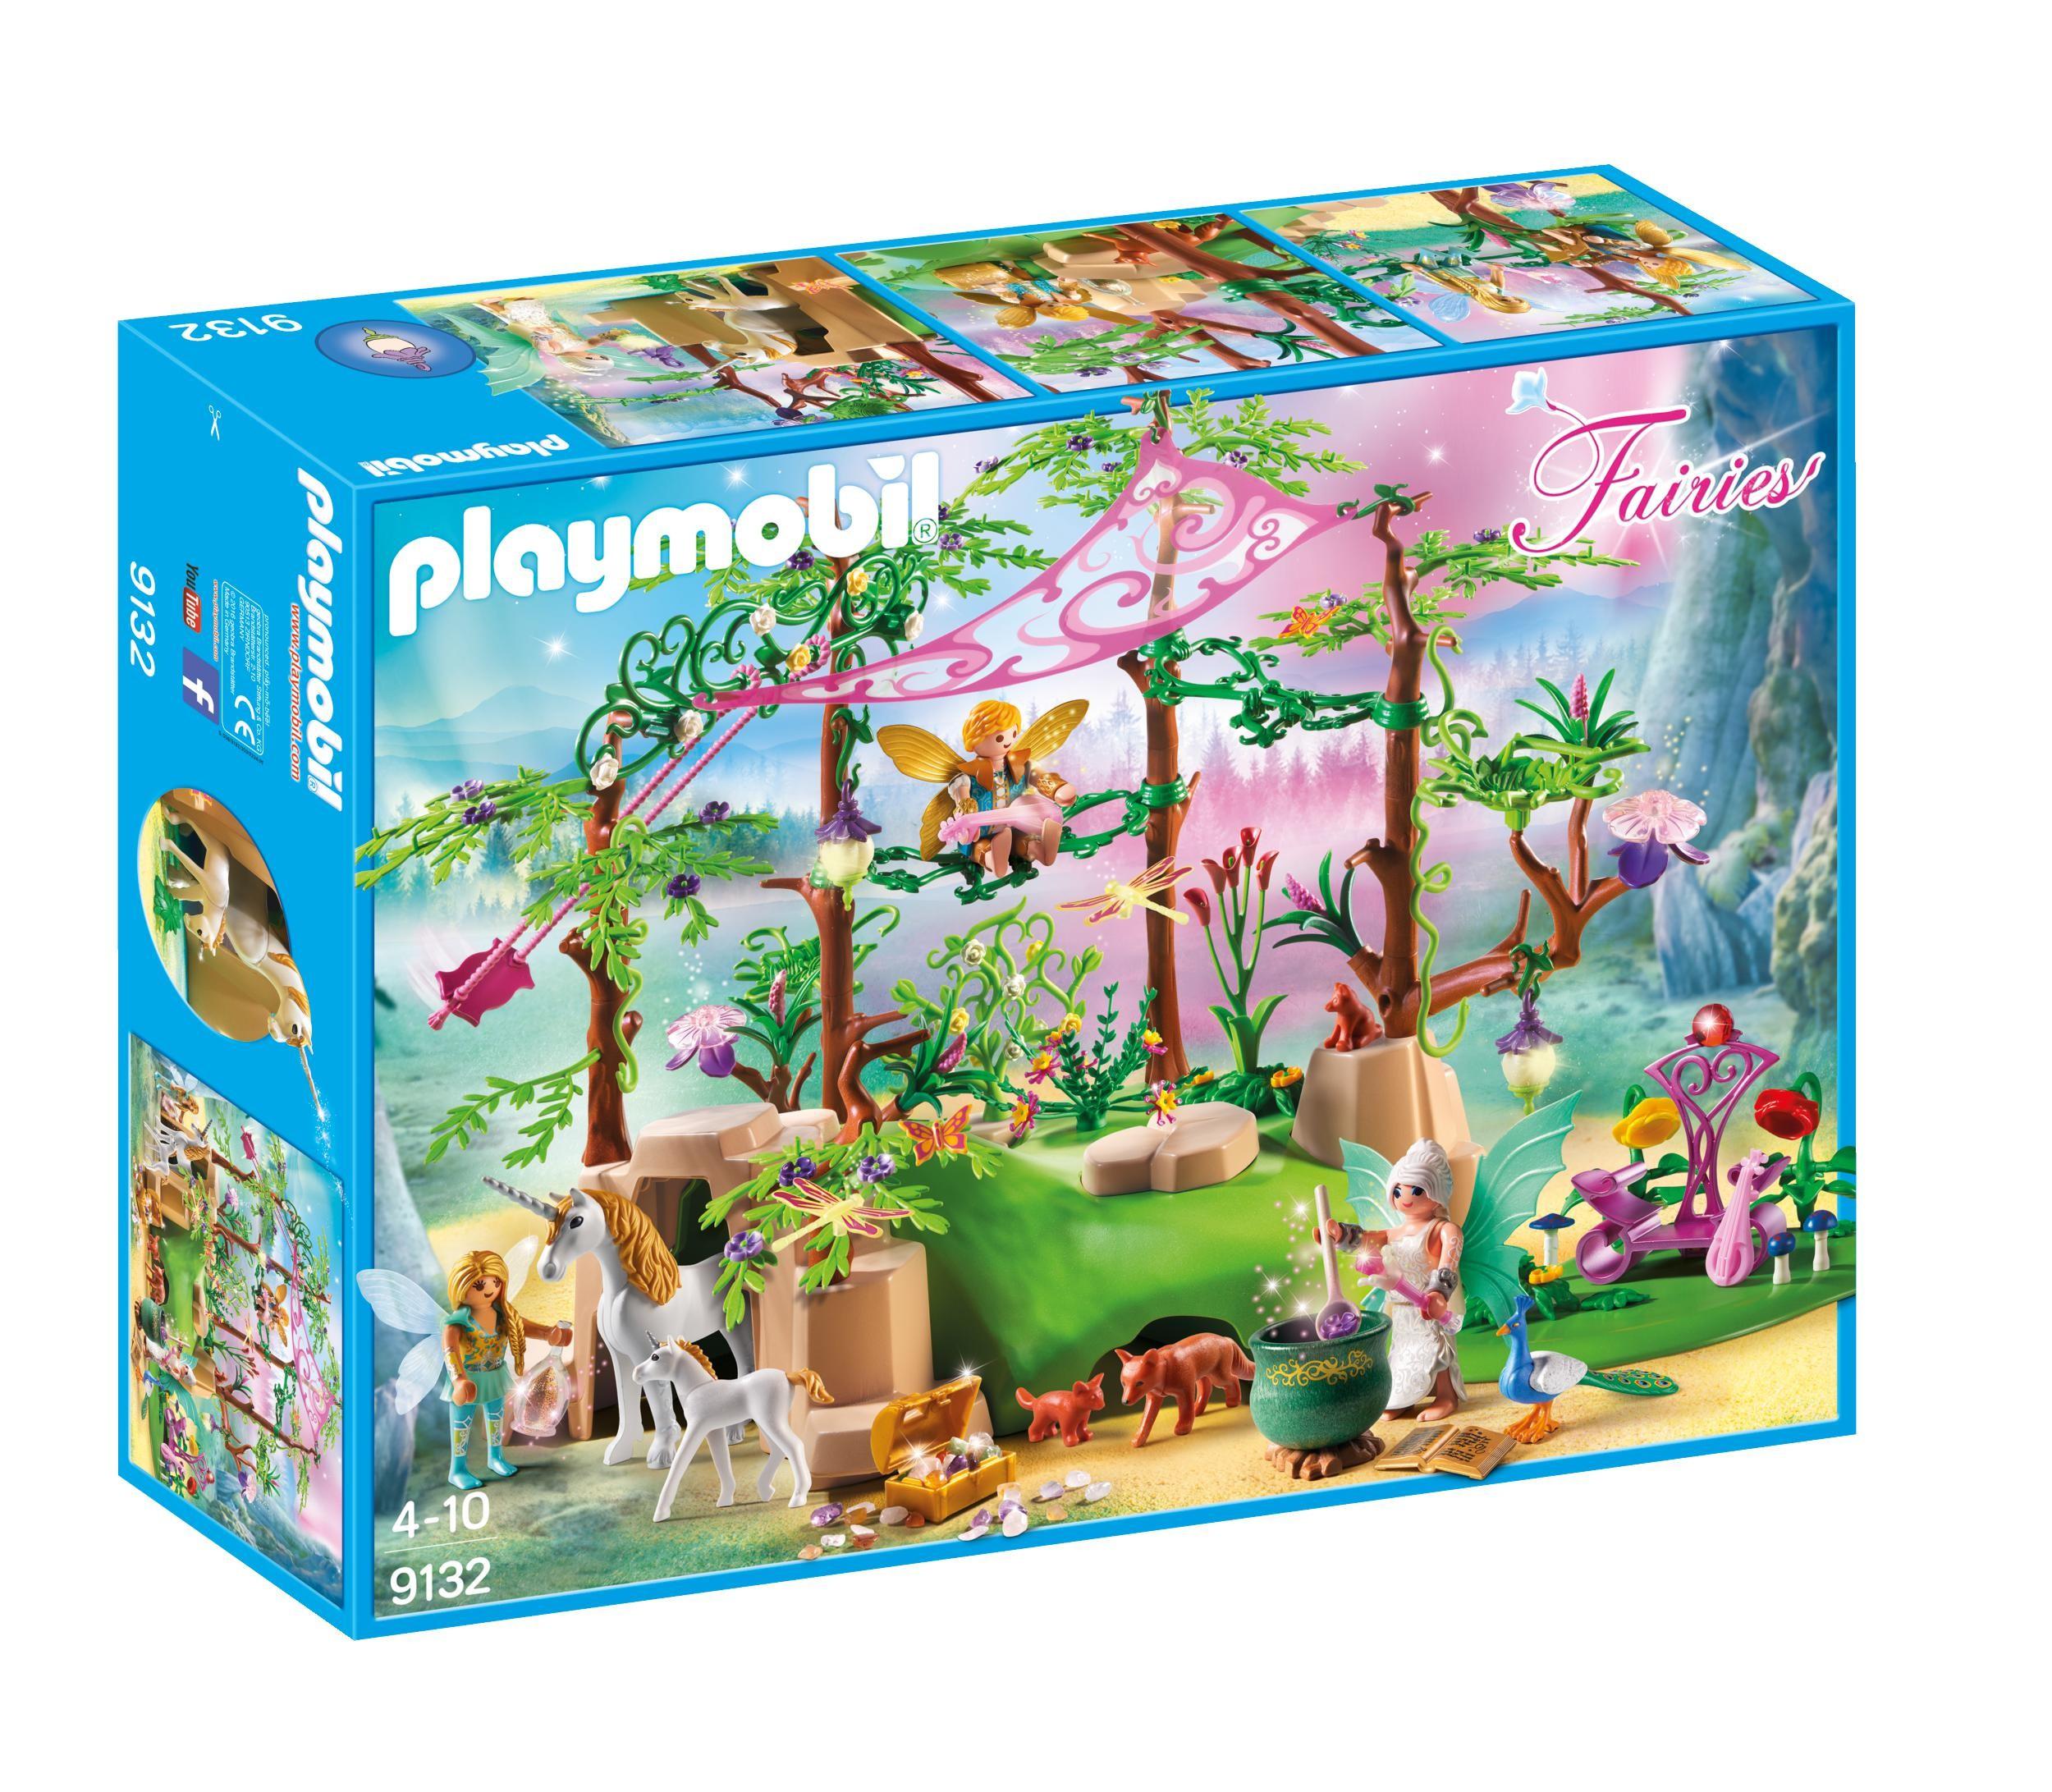 Enchantee Enchantee Playmobil Playmobil Foret Enchantee Foret Enchantee Playmobil Foret Playmobil Foret Playmobil WHDe9EY2I